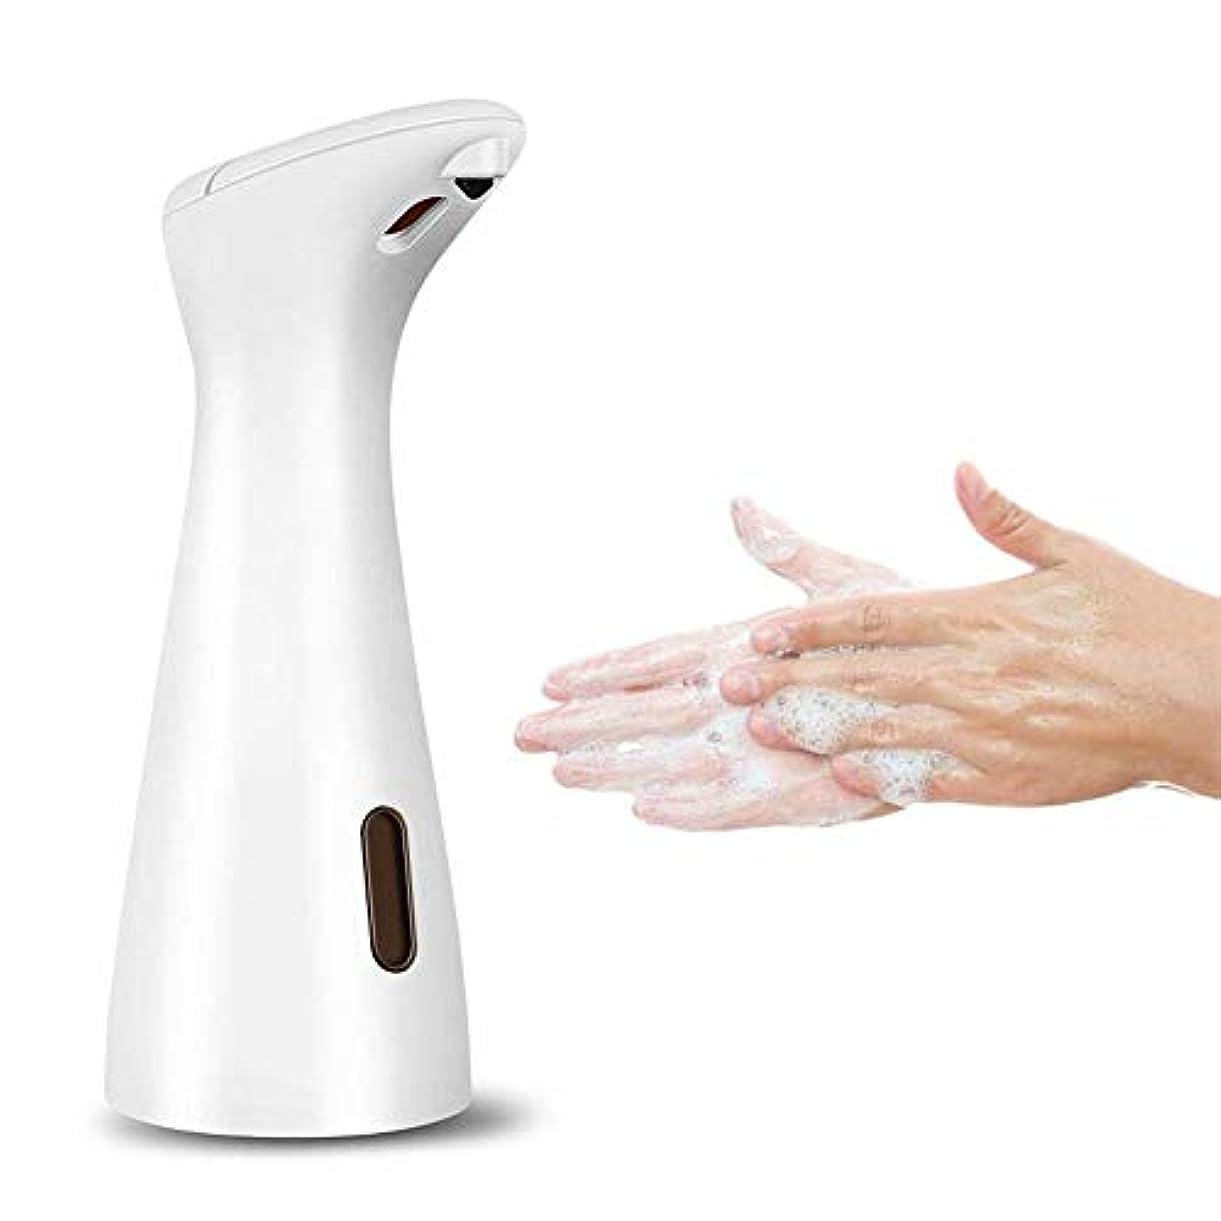 やりすぎ夜間前200ミリリットルスマート自動泡ソープディスペンサー誘導発泡手洗い機ポータブル液体ソープディスペンサー浴室キッチンツール